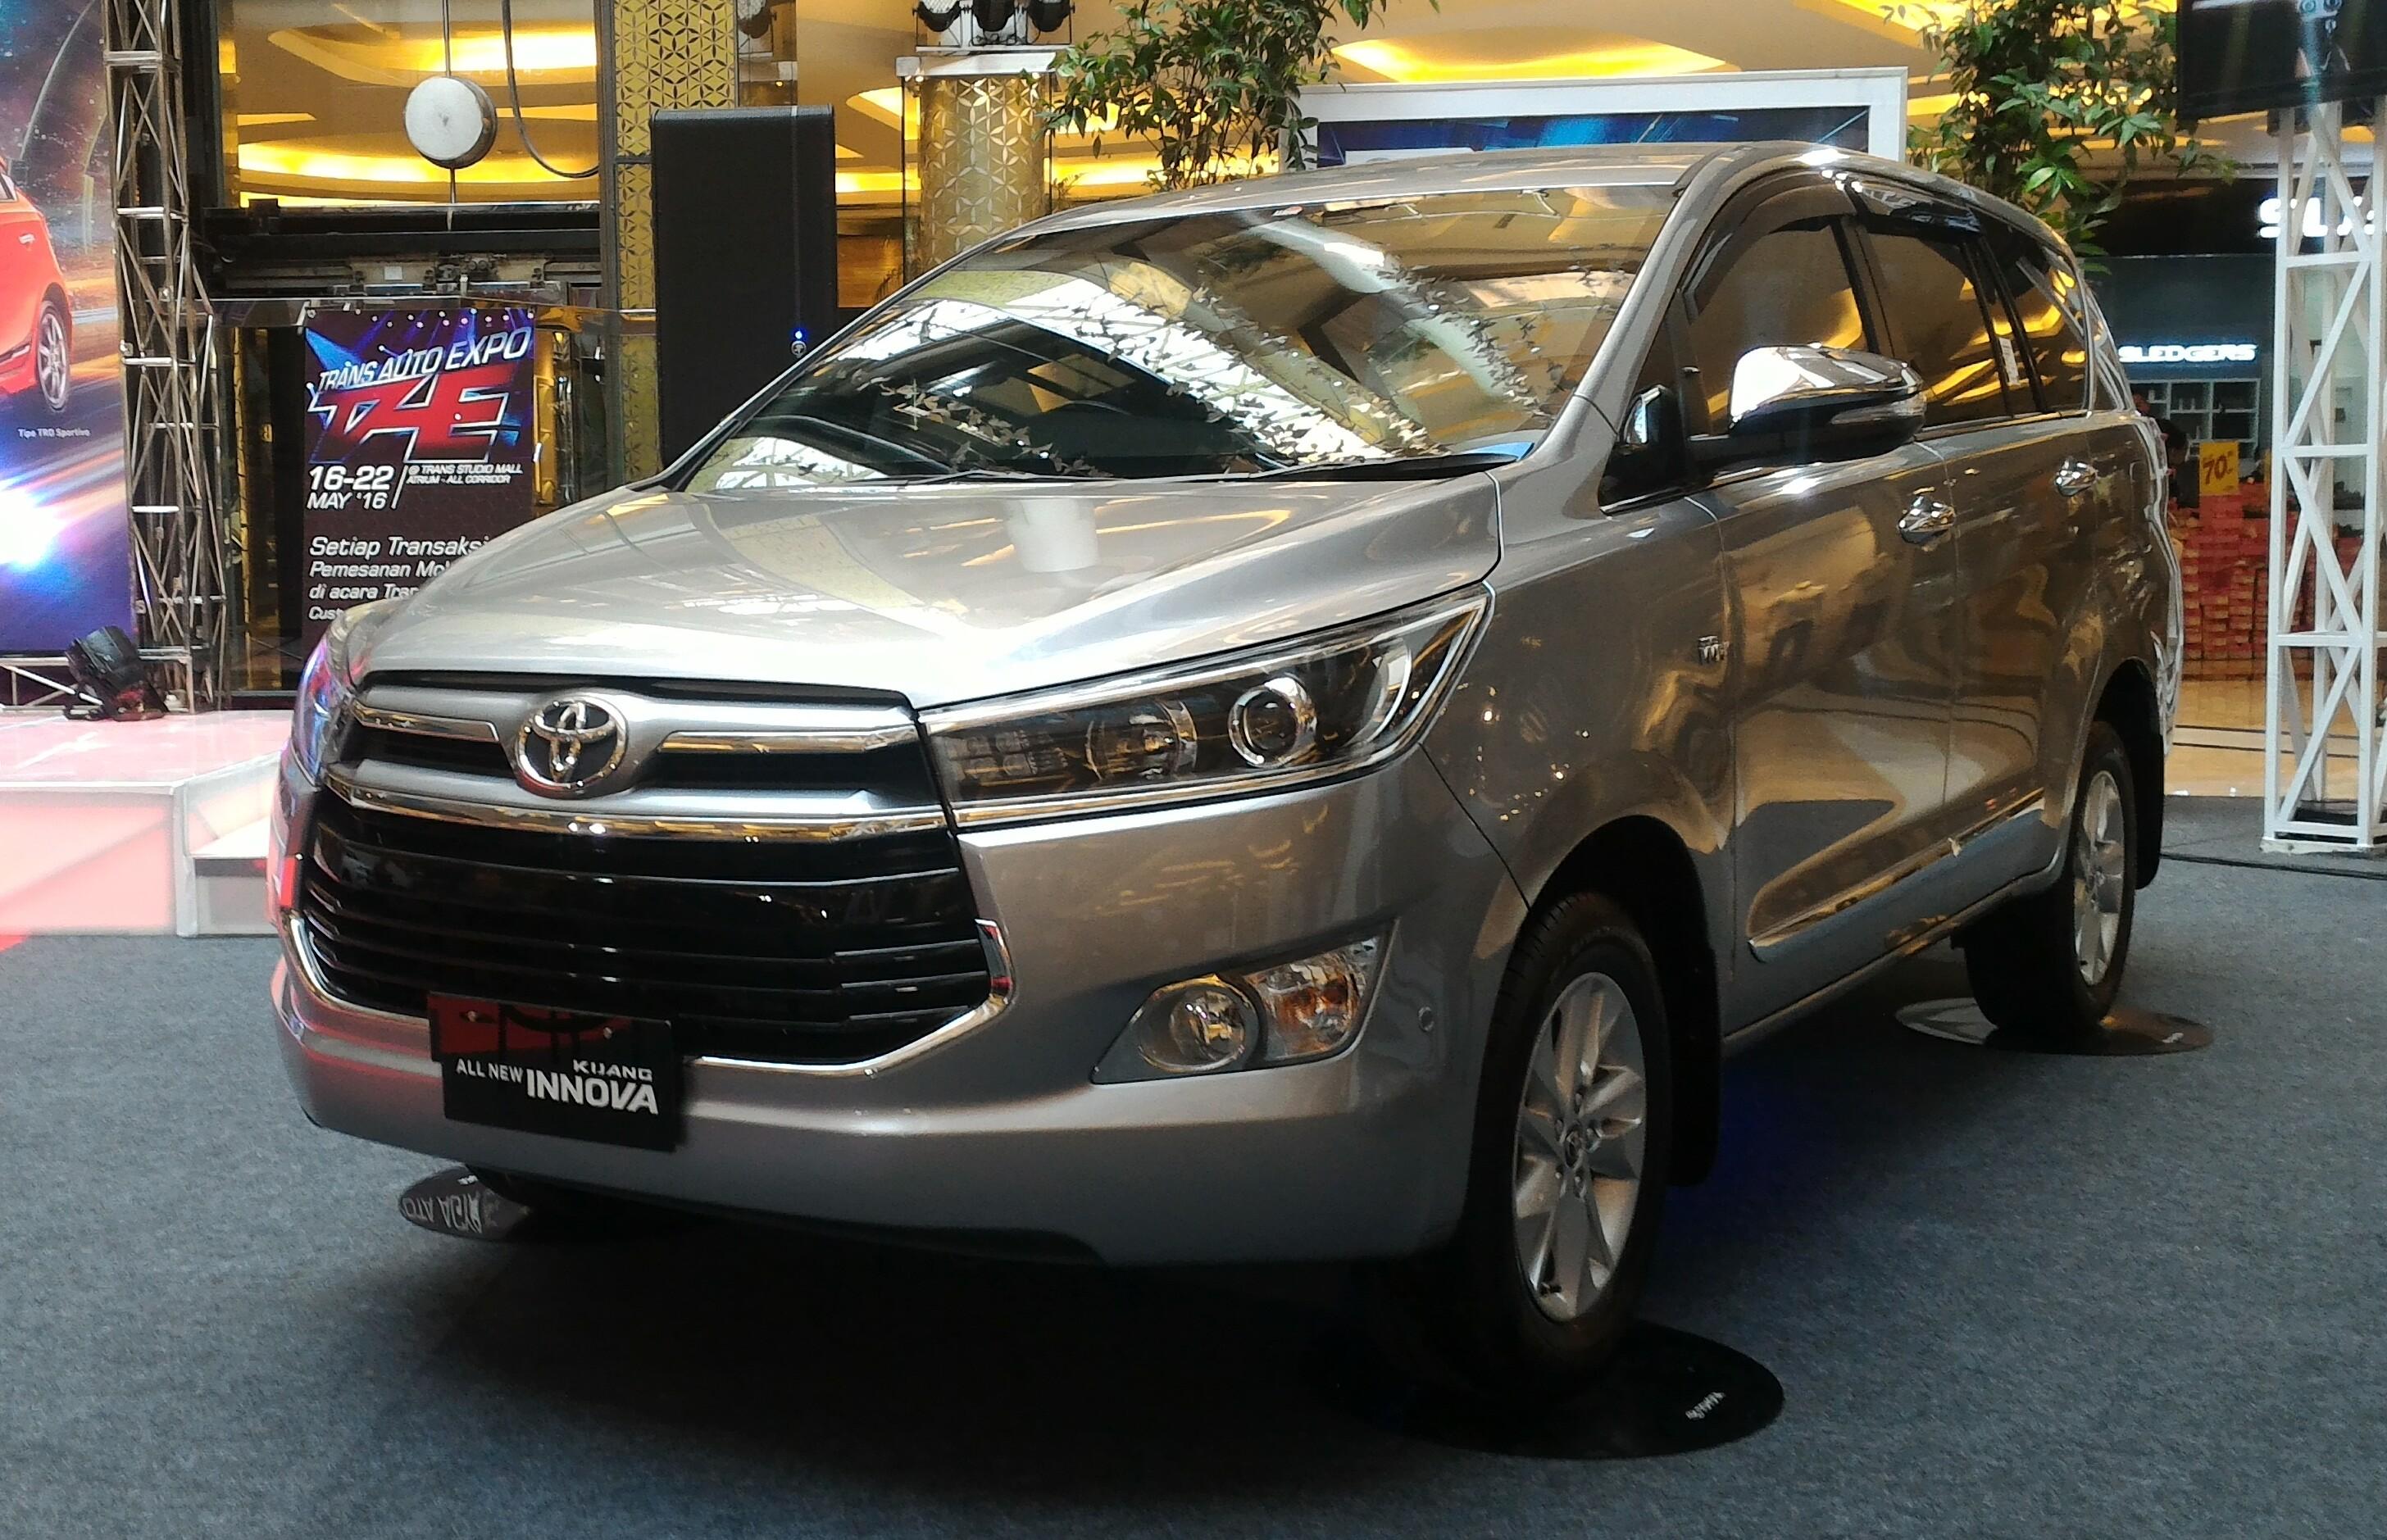 File:2016 Toyota Kijang Innova 2.0 Q (TGN140R) 2016-05-18